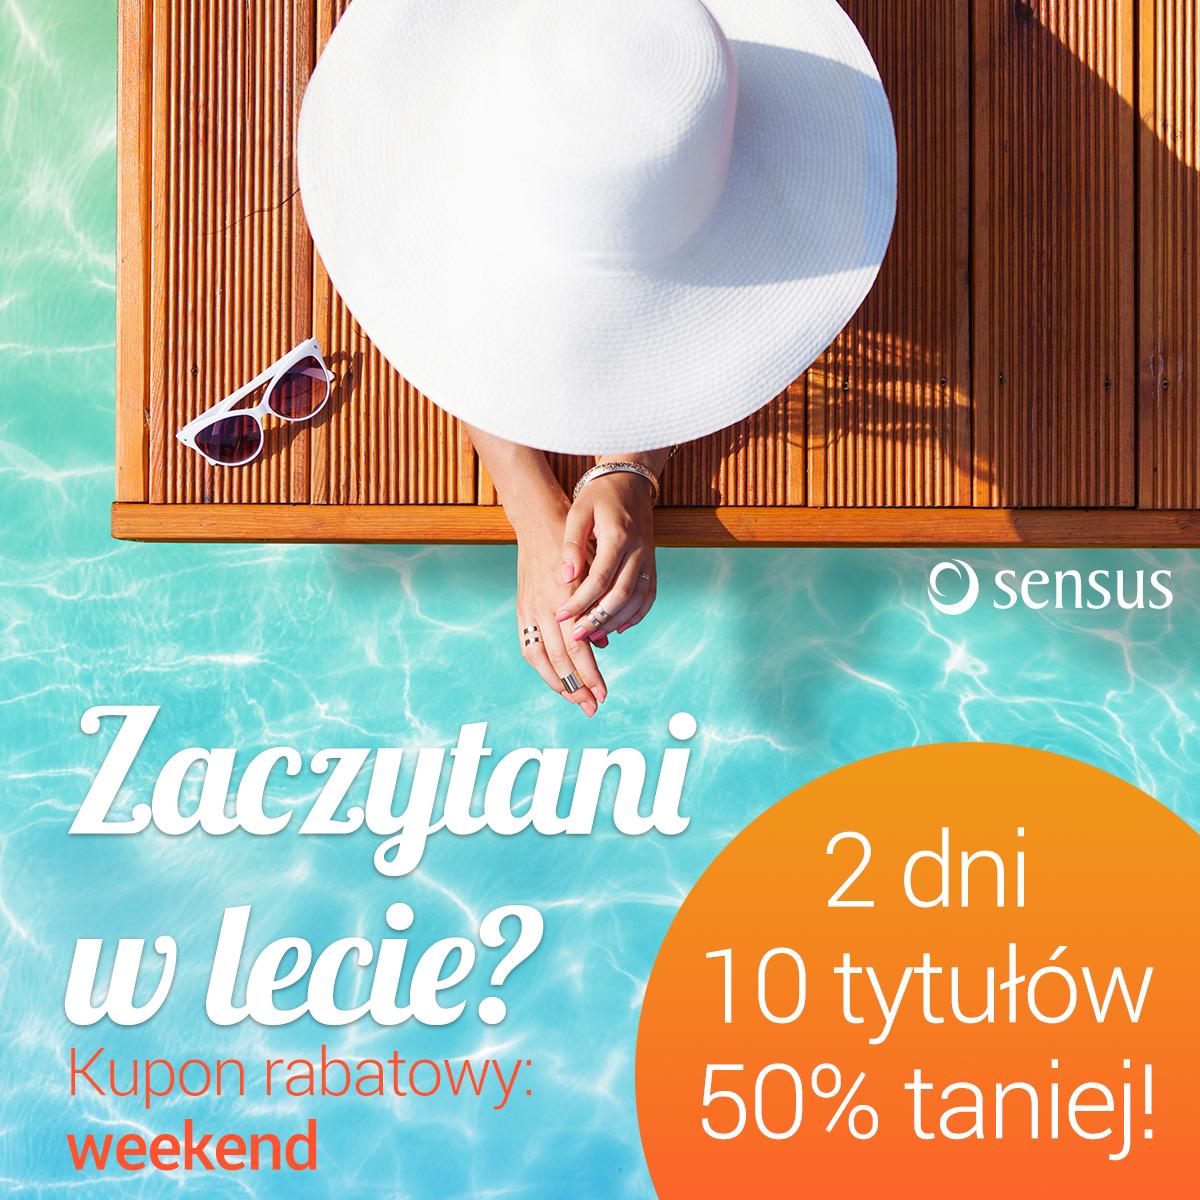 Tylko do dziś 10 tytułów 50% taniej @ Sensus.pl